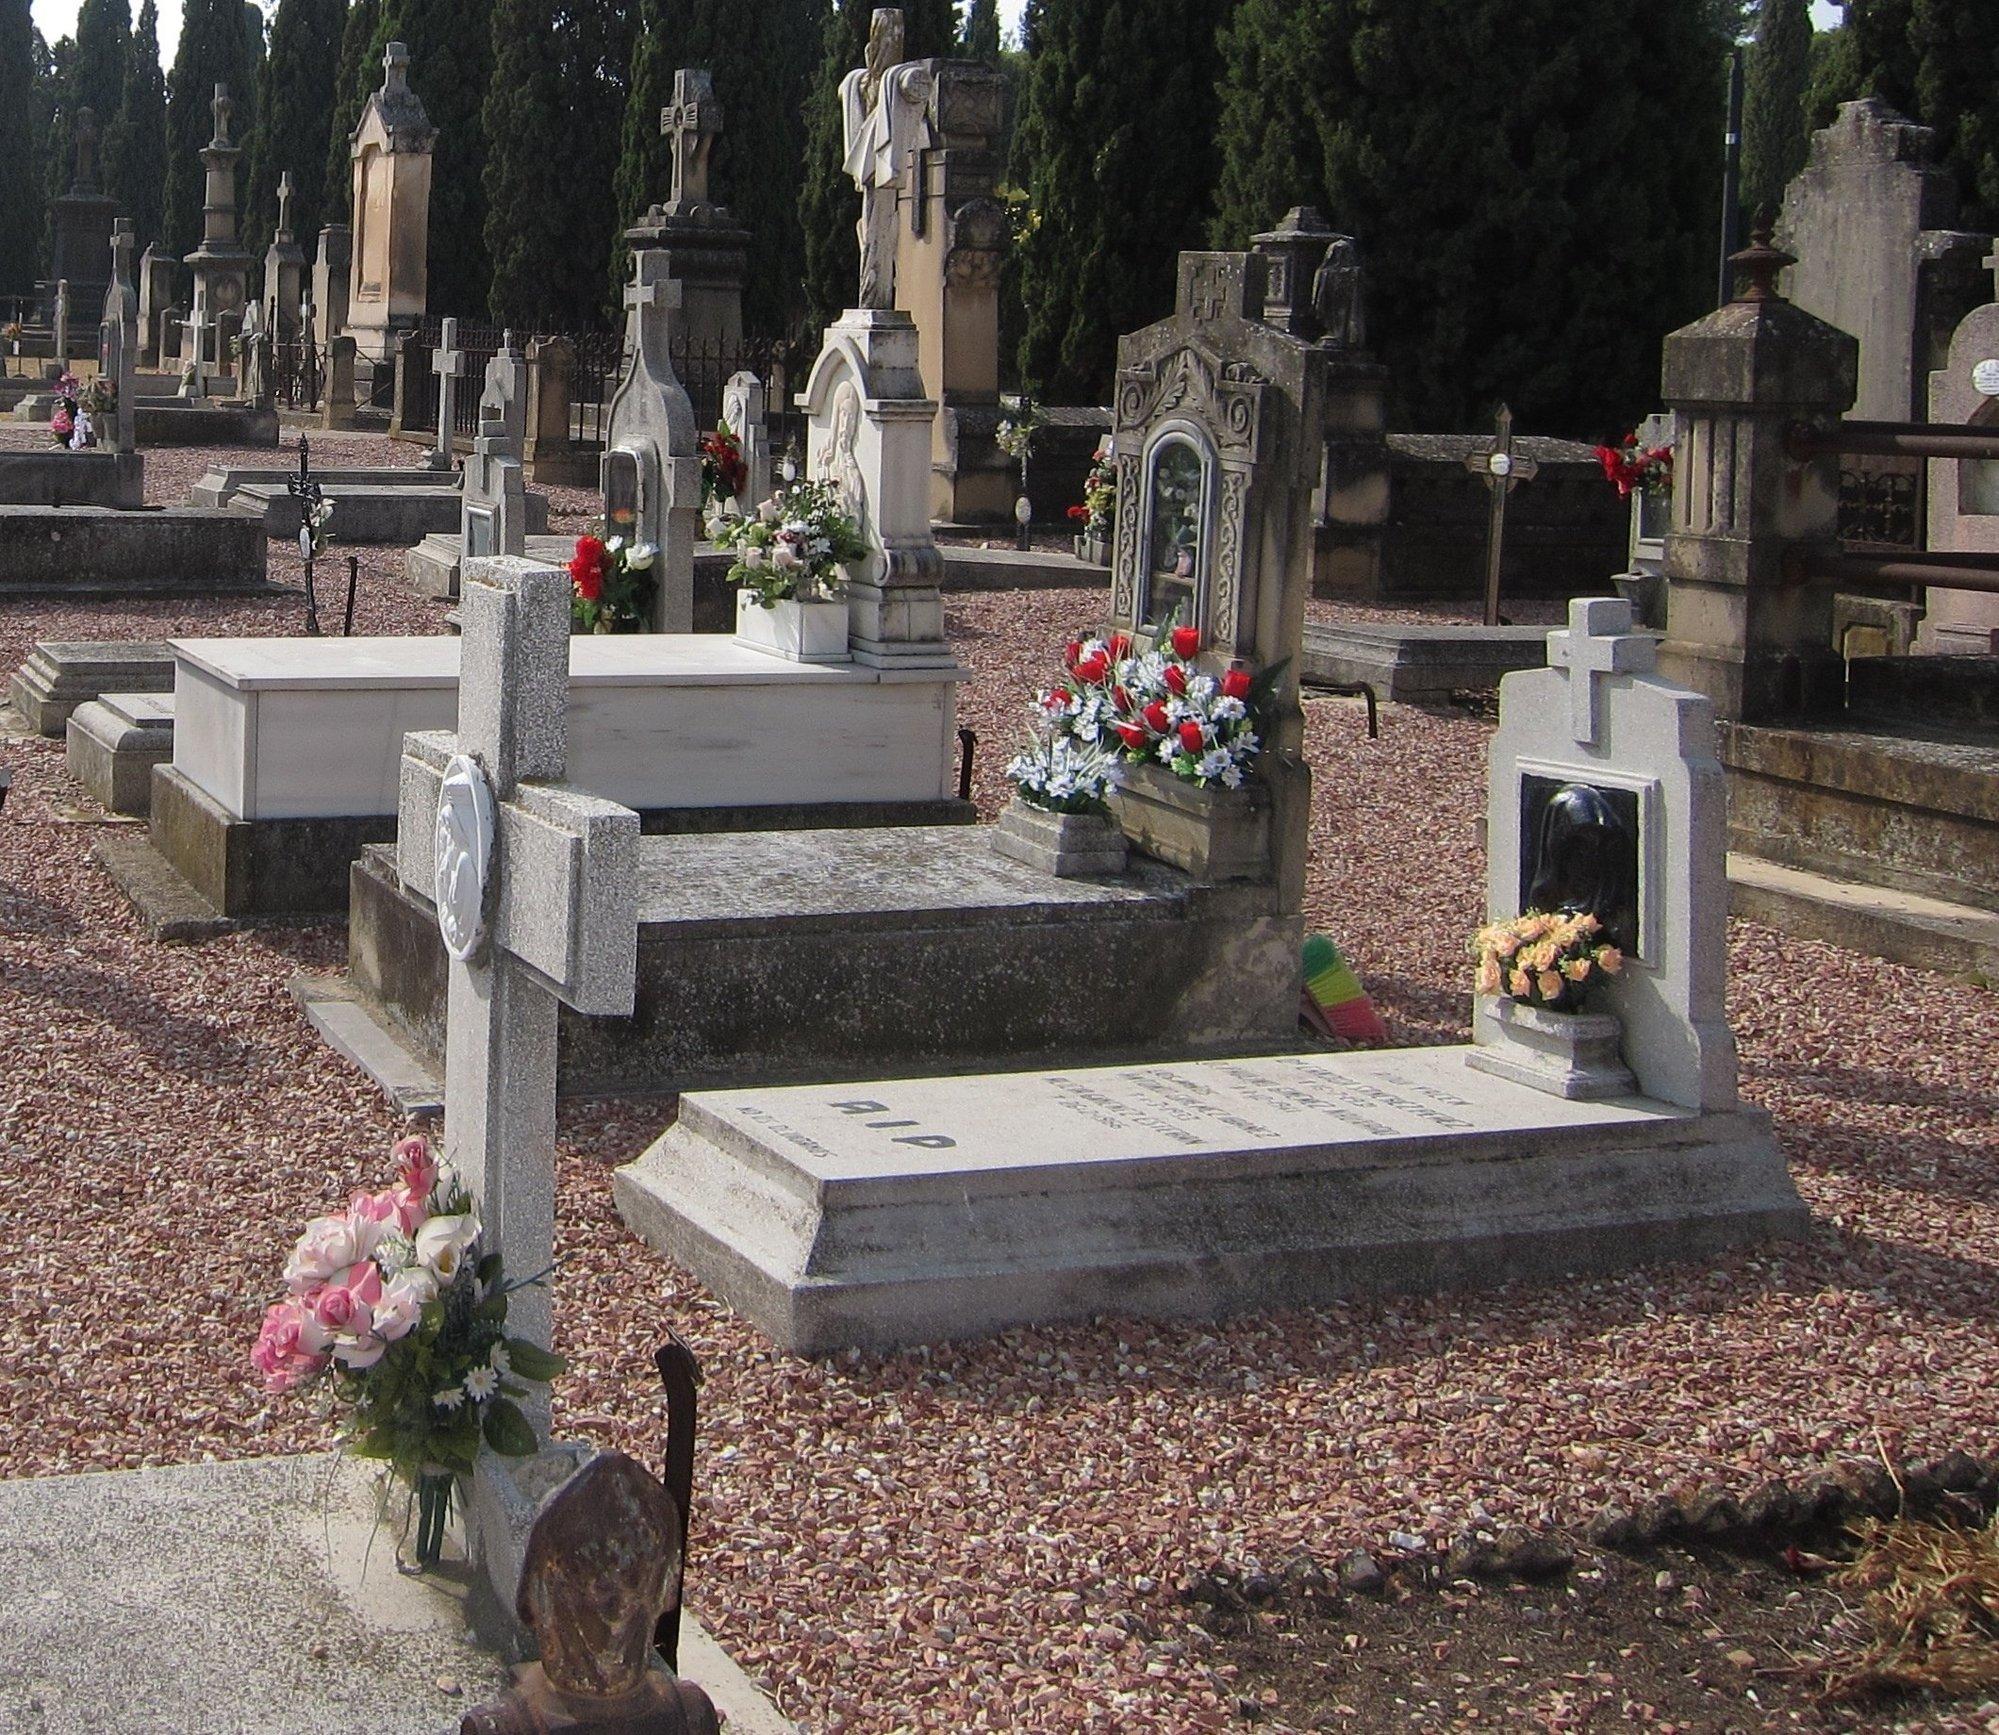 El Ayuntamiento de Daroca ampliará el cementerio municipal con la construcción de nuevos nichos